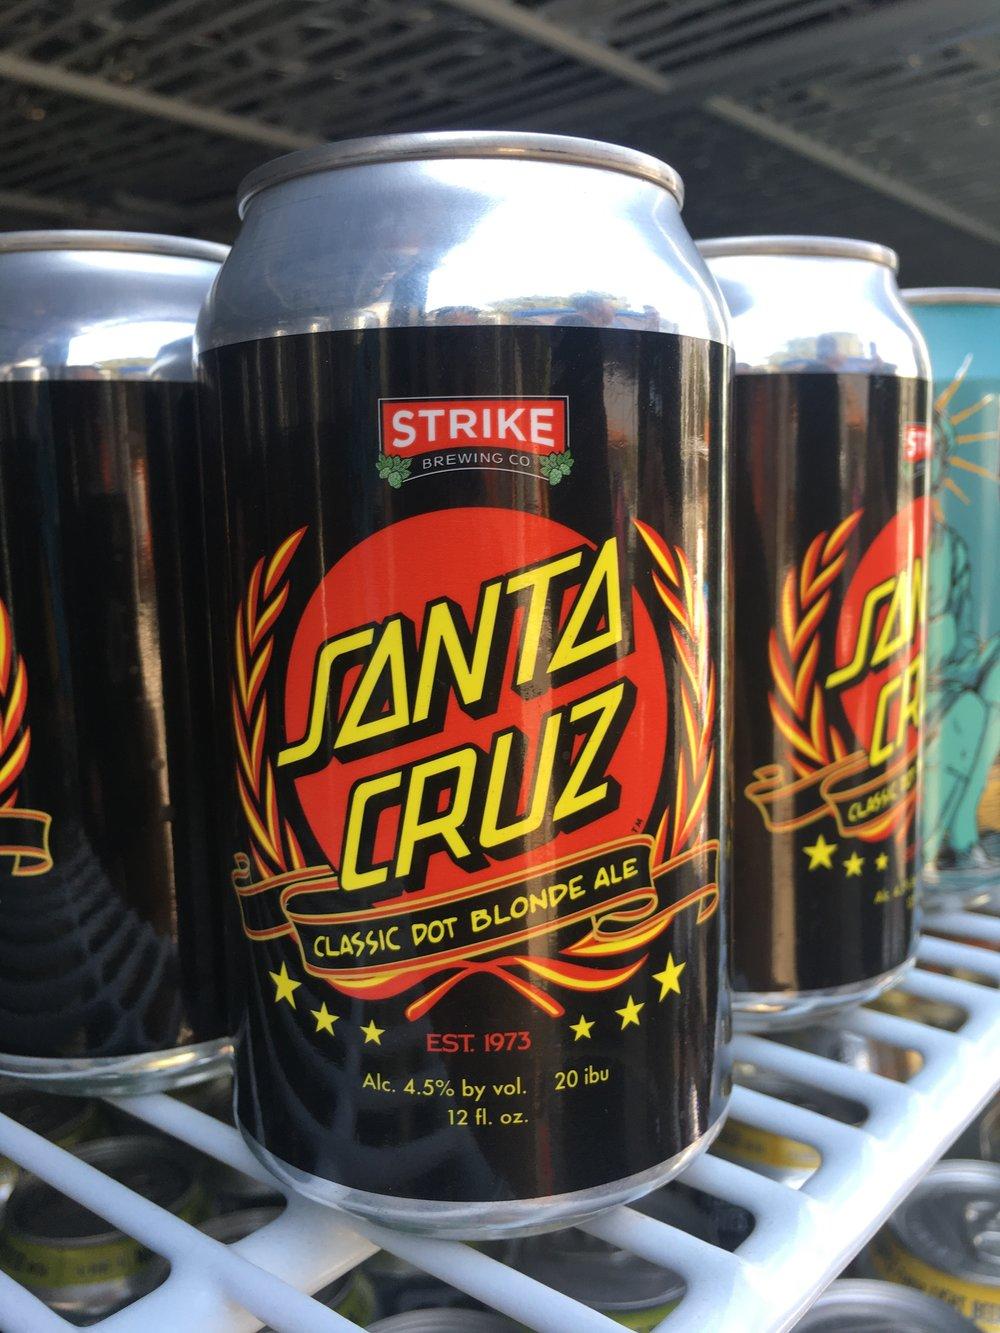 Strike Brewing - Santa Cruz Classic Dot Blonde Ale